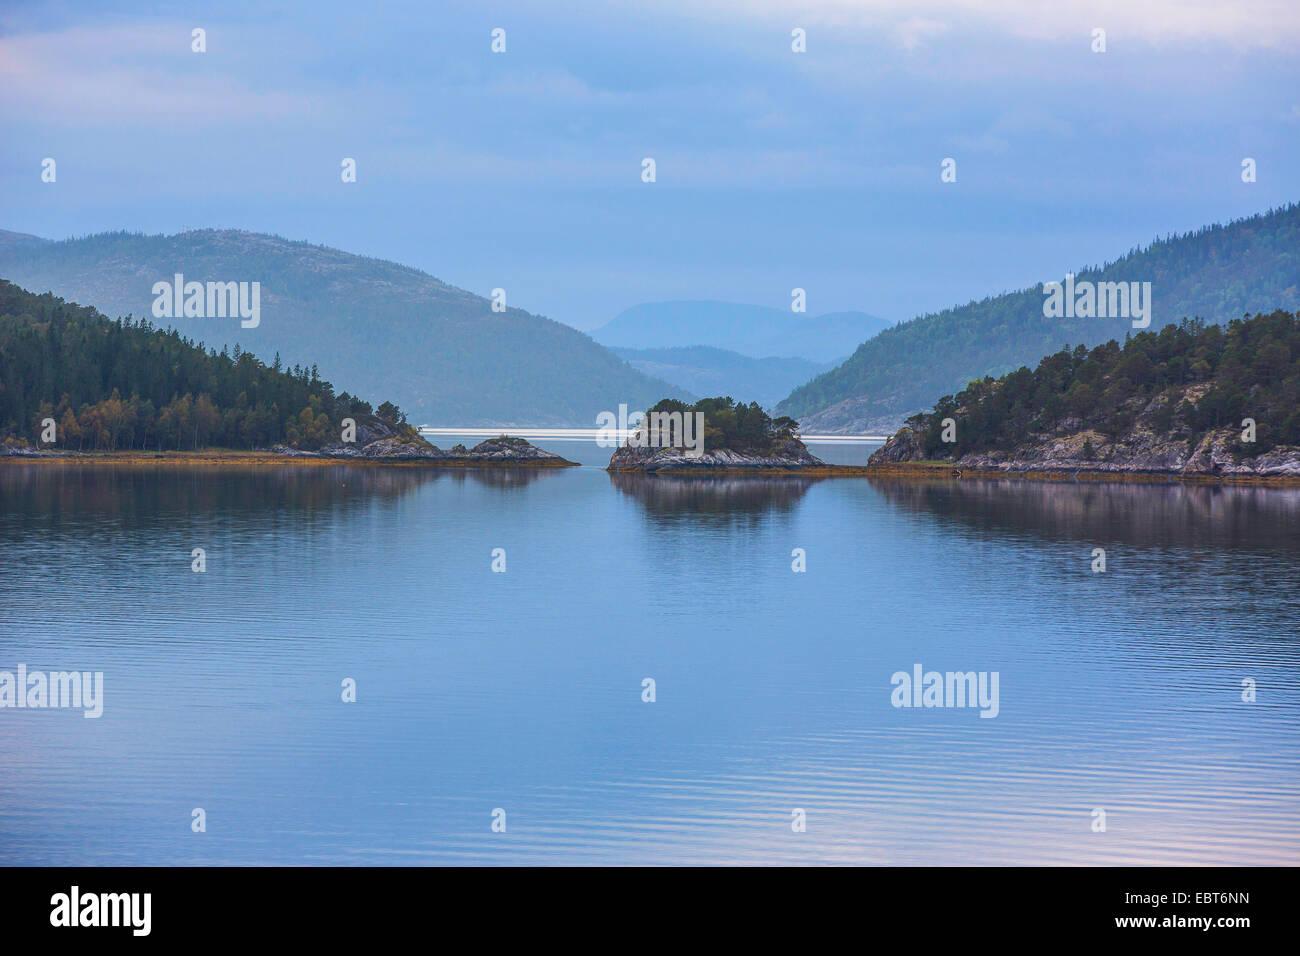 Paysages du fjord, la Norvège, Nordland, Bindalsfjorden Photo Stock